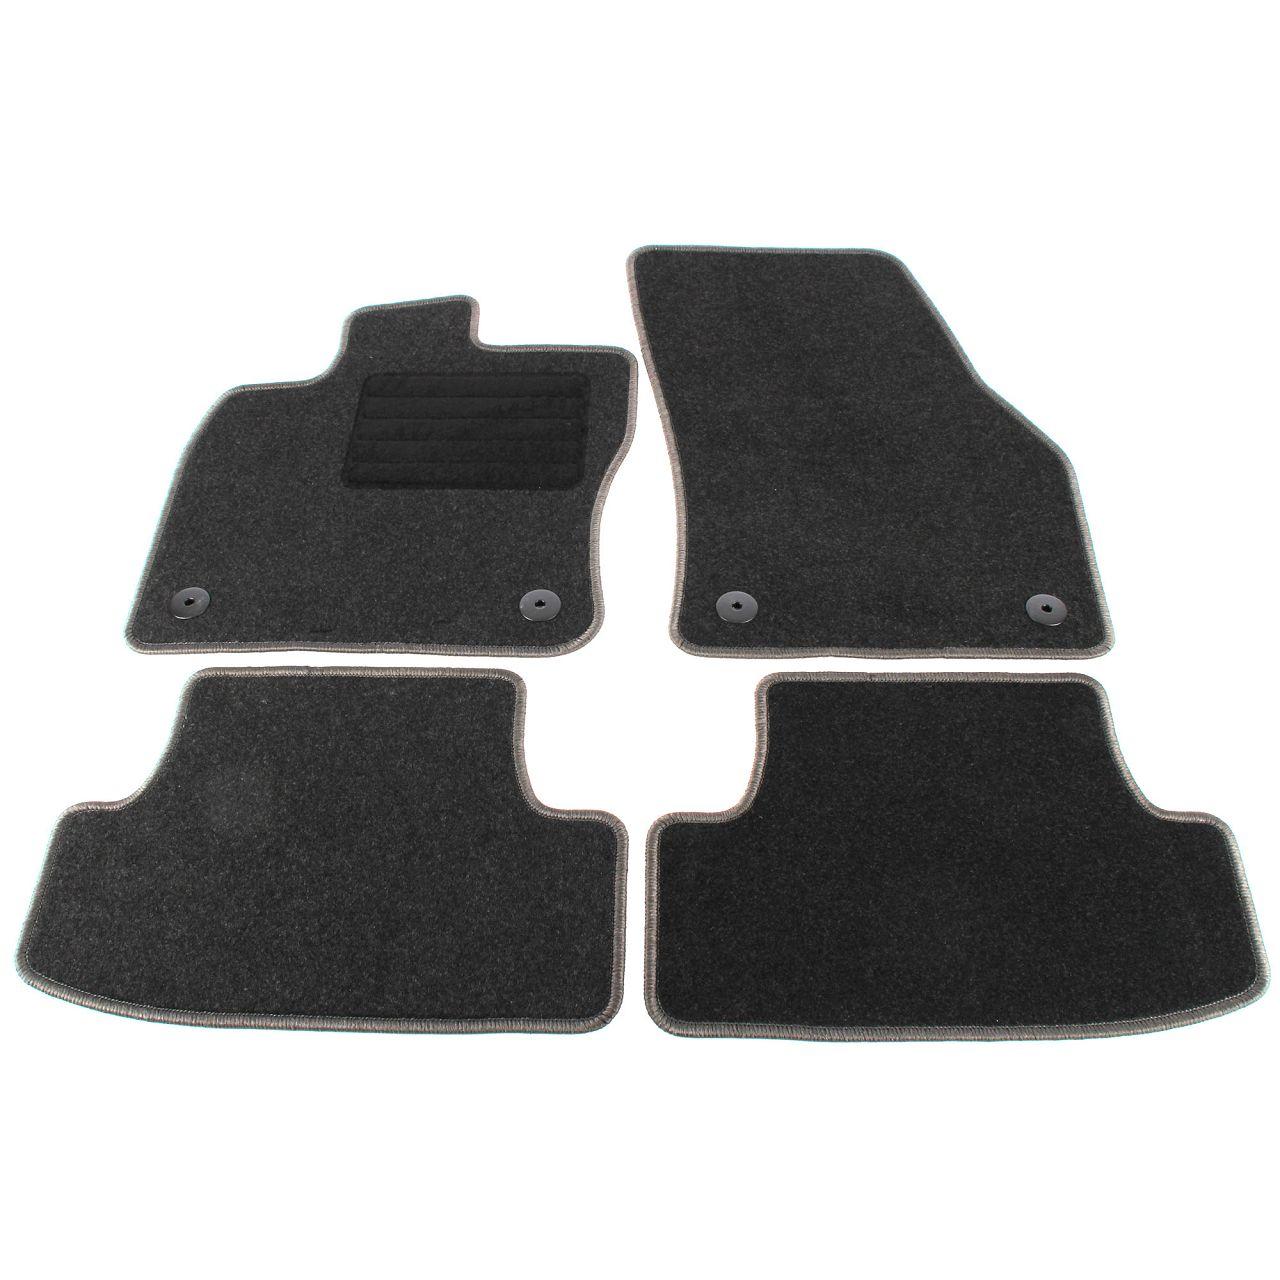 Veloursmatten Textilmatten Fußmatten Automatten für VW T-ROC ab 11.2017 4-TEILIG